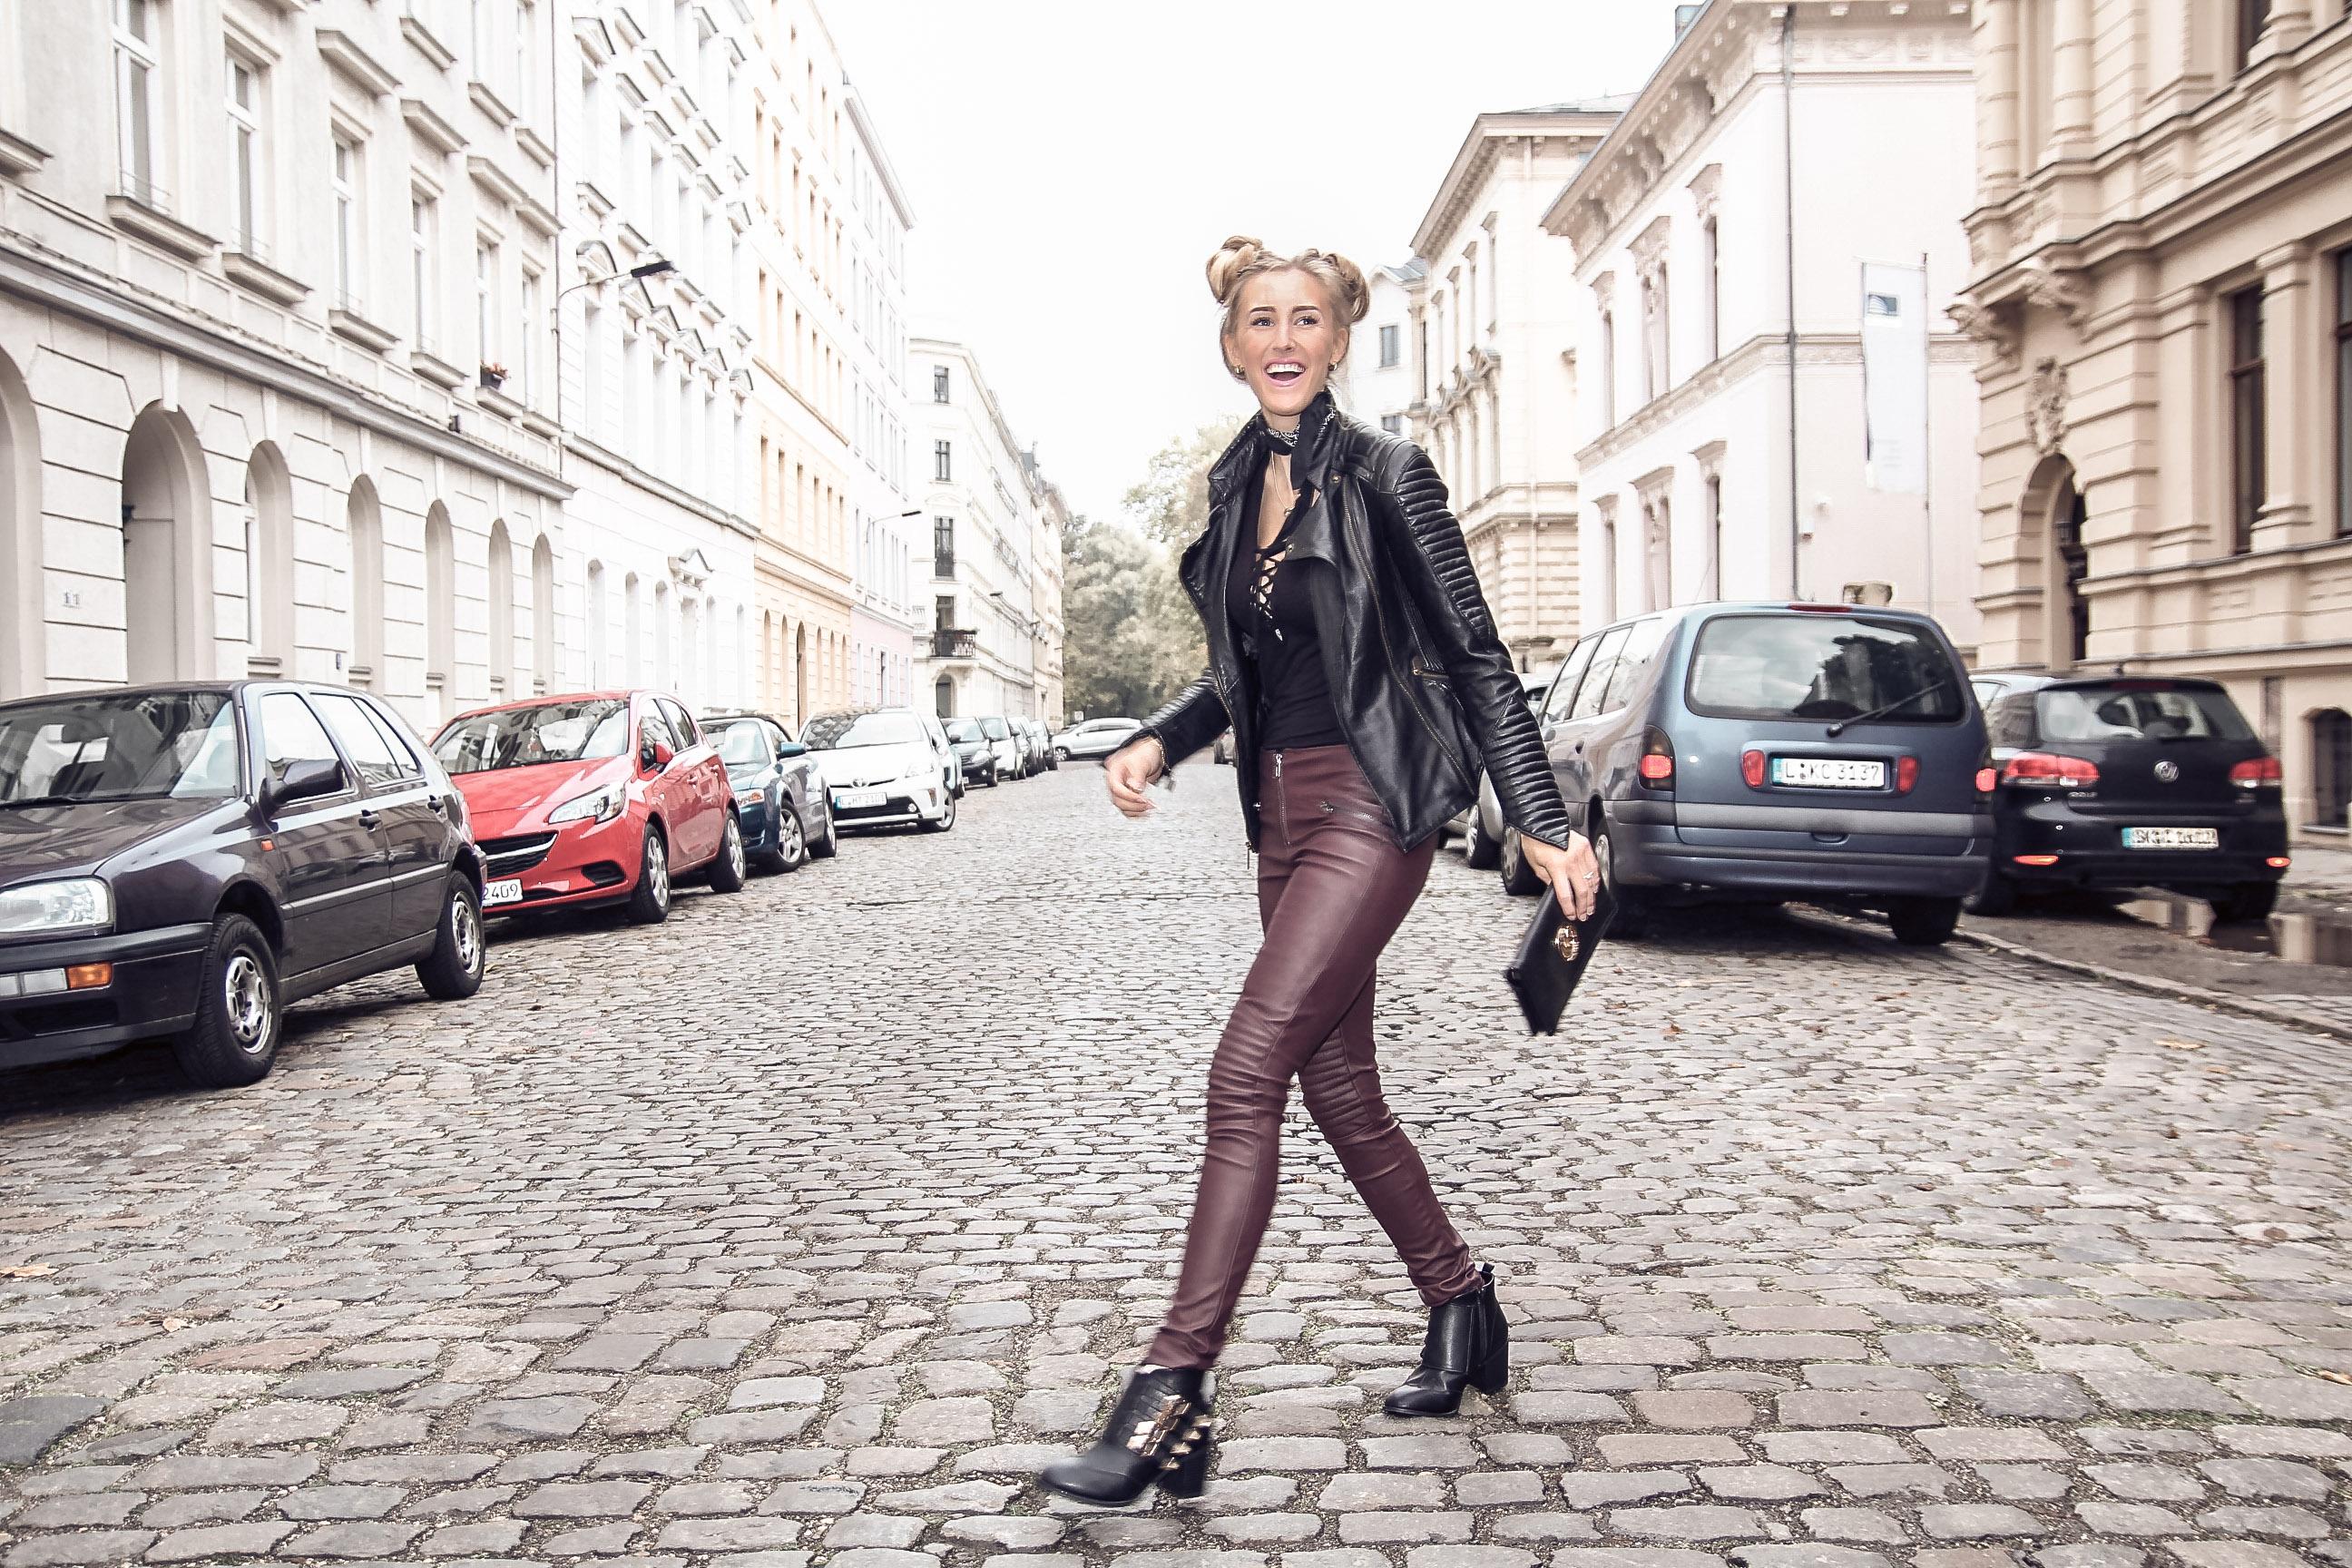 Top 10 Fashionblogger Modeblogger Leslie Huhn - Leder Outfit of the Week